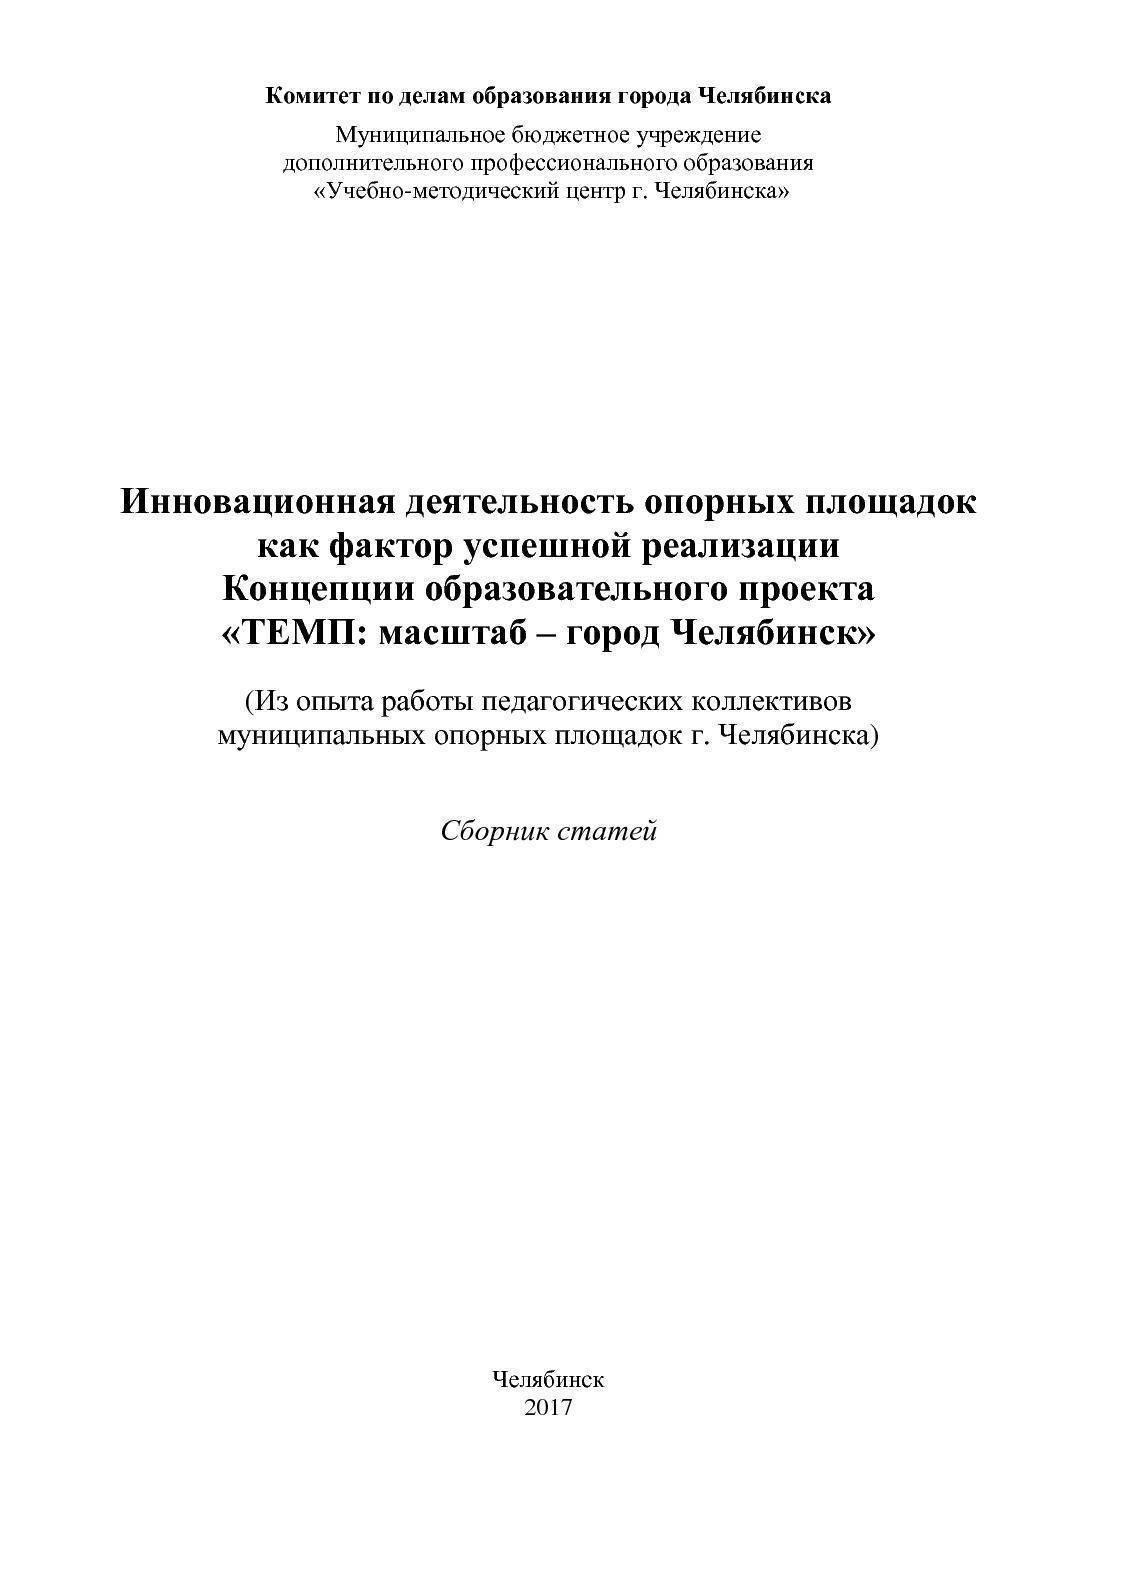 Эксперт сайта, автор публикаций, зоолог, арахнолог Евгений Брагин